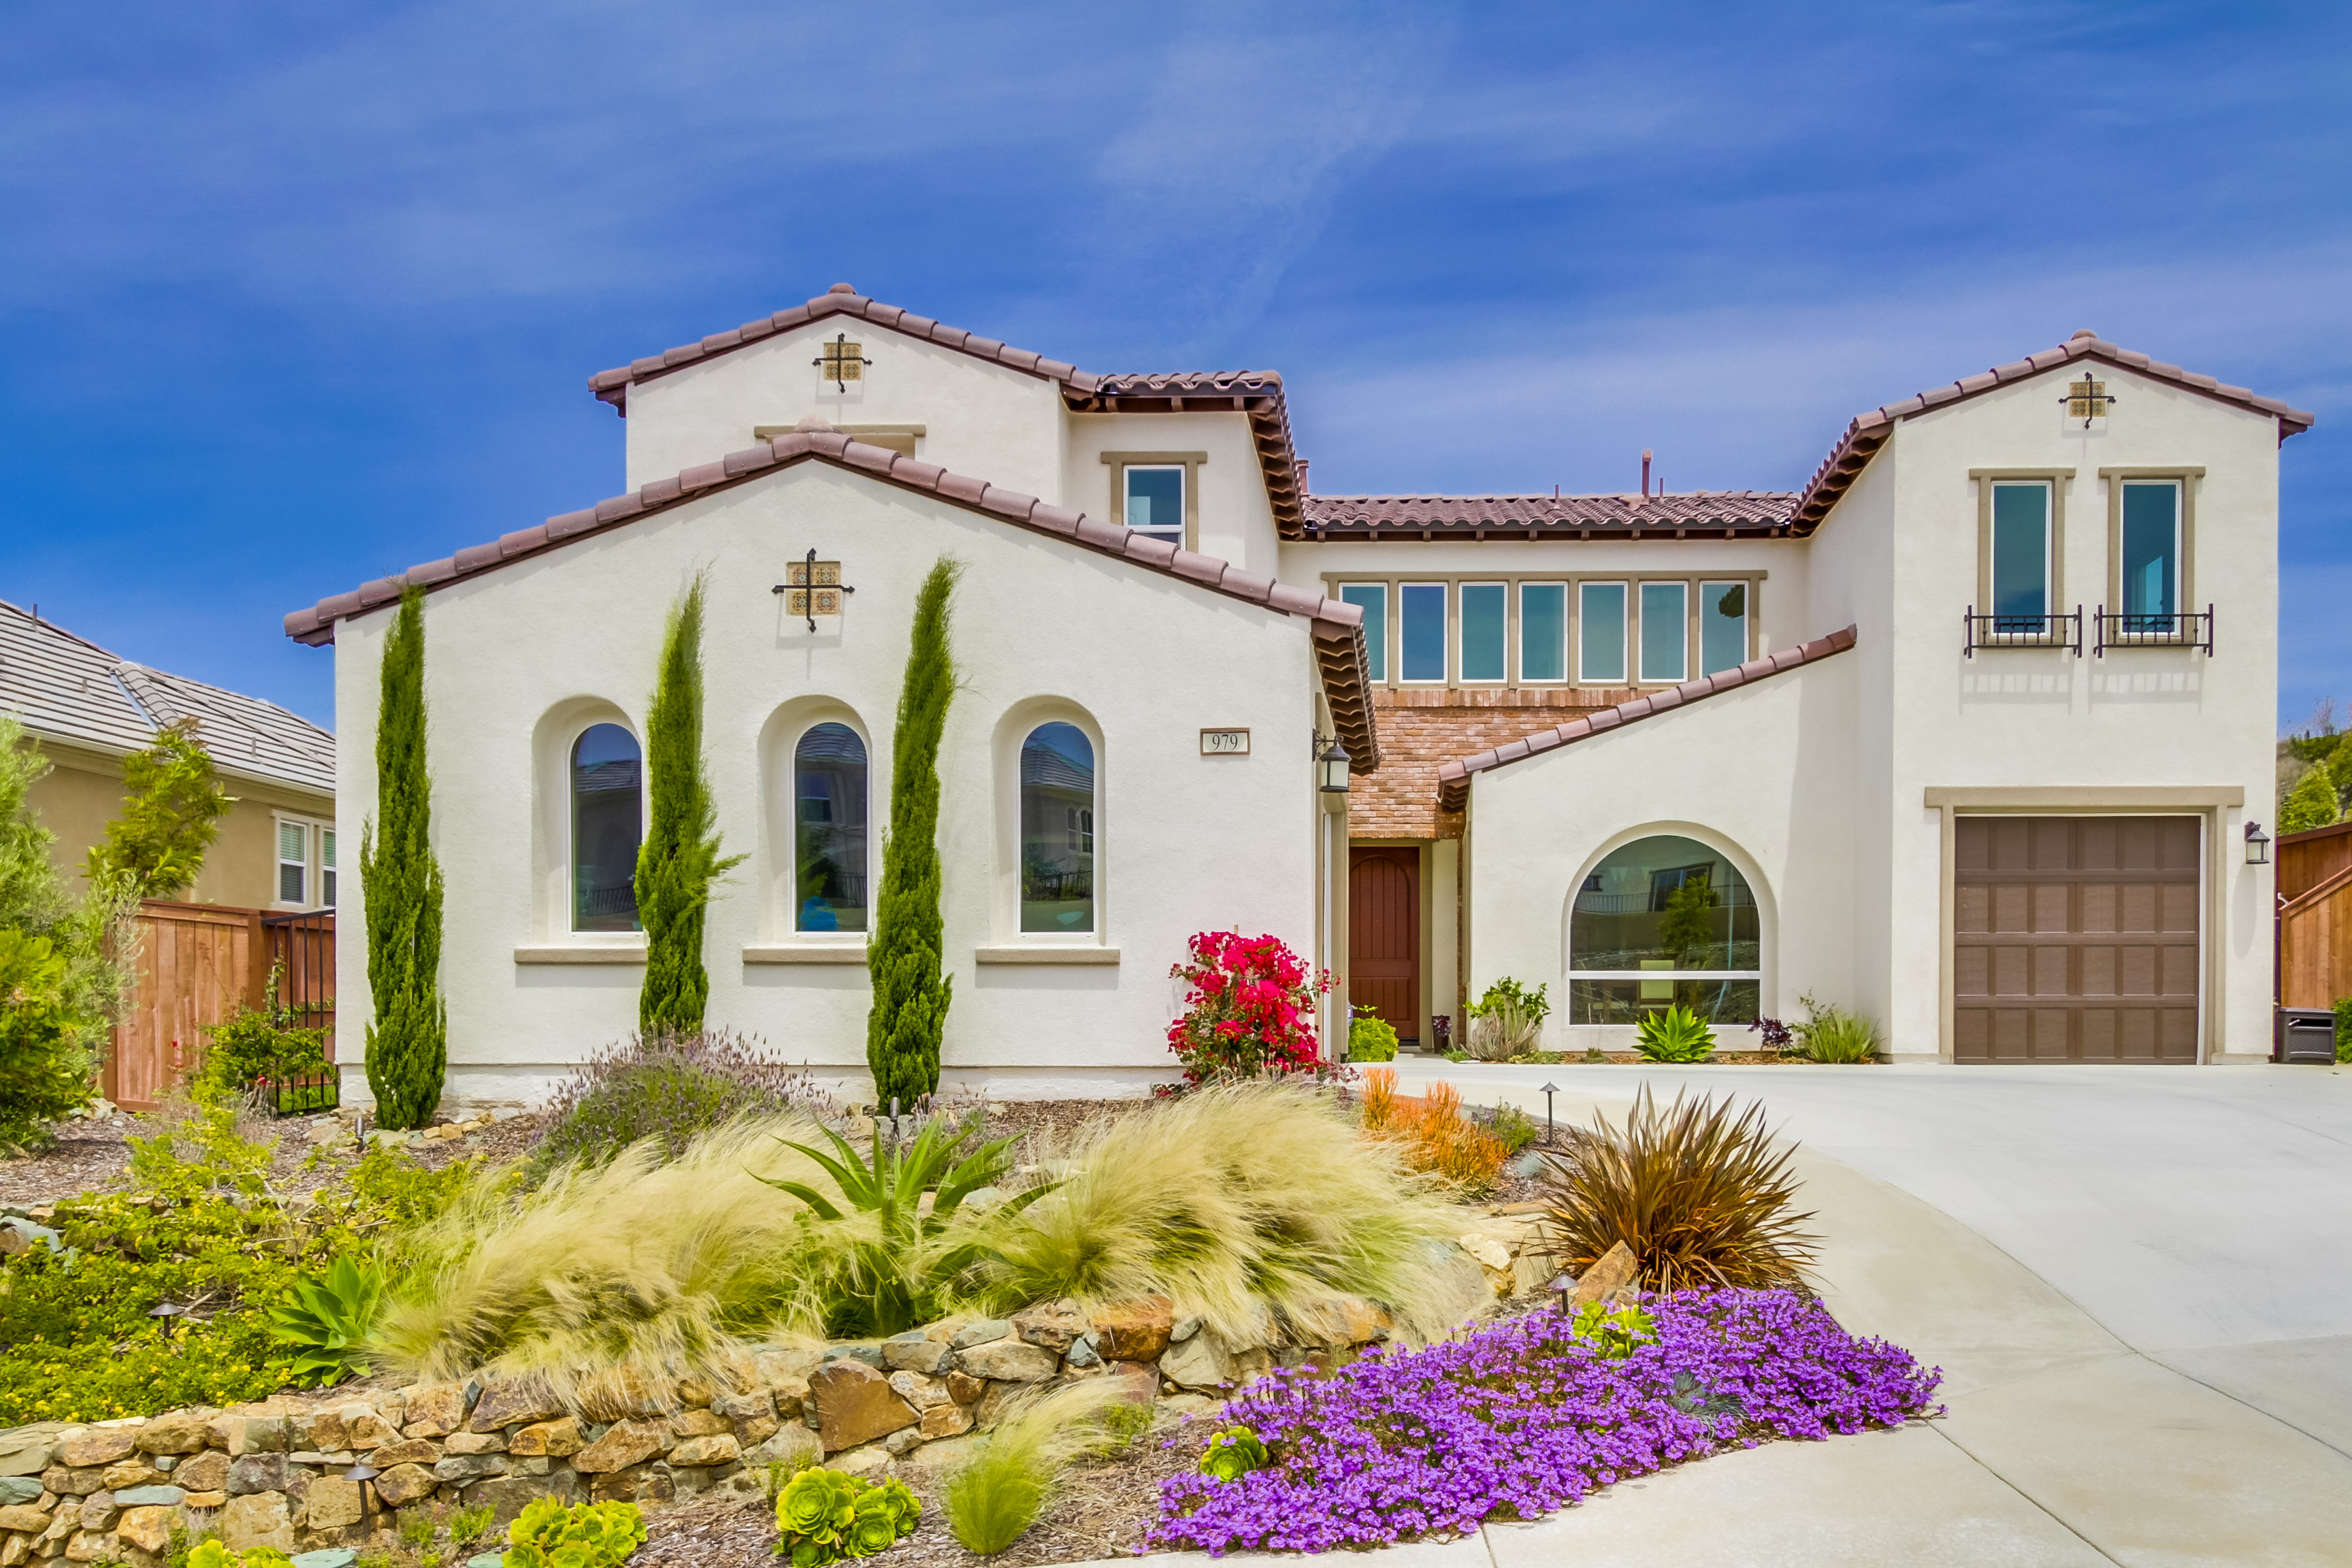 단독 가정 주택 용 매매 에 979 Tucana 979 Tucana Drive San Marcos, 캘리포니아 92078 미국